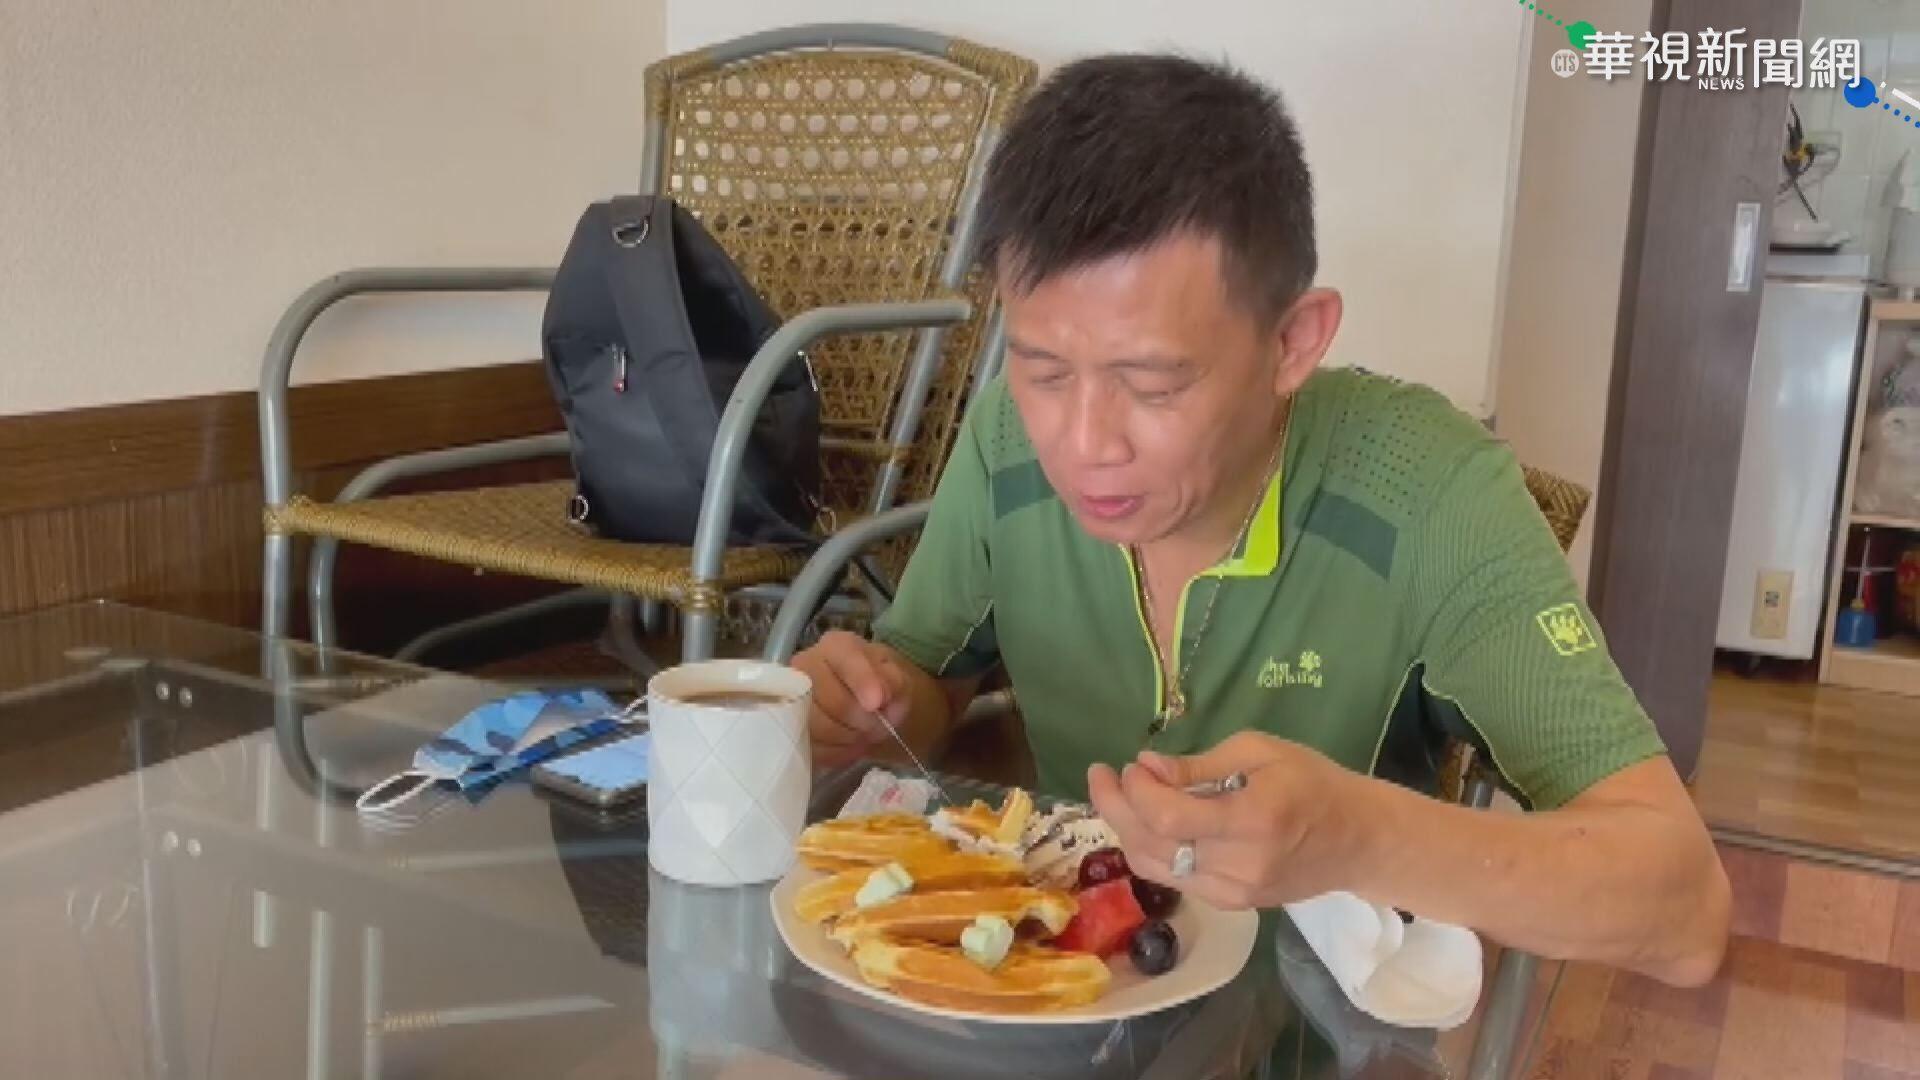 全國唯一! 澎湖餐廳迎接首批內用客人